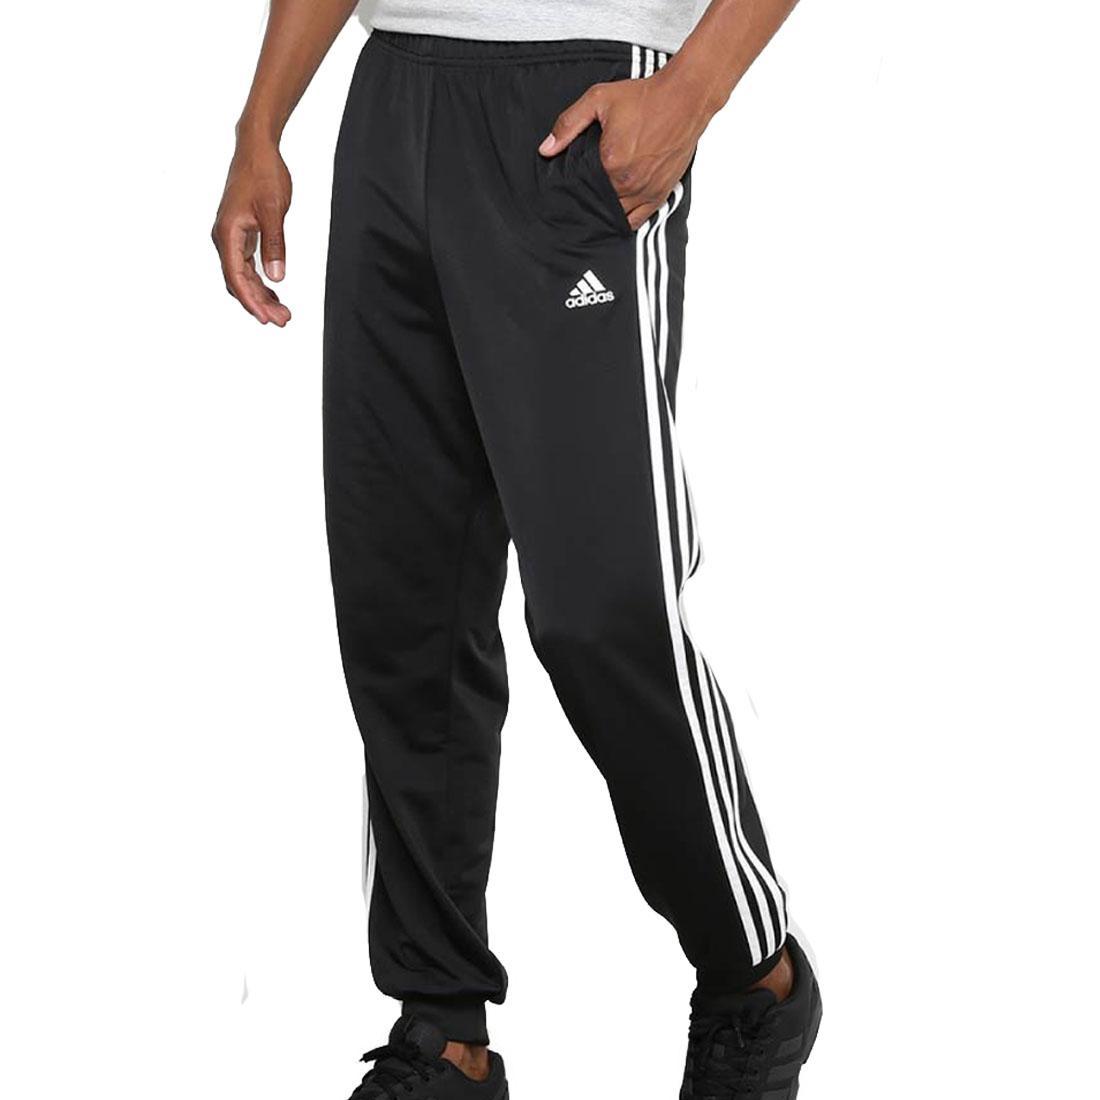 Details about Adidas Essentials 3 Rayure Hommes Piste Pantalon Fuseau Sport Gym Fitness Bas